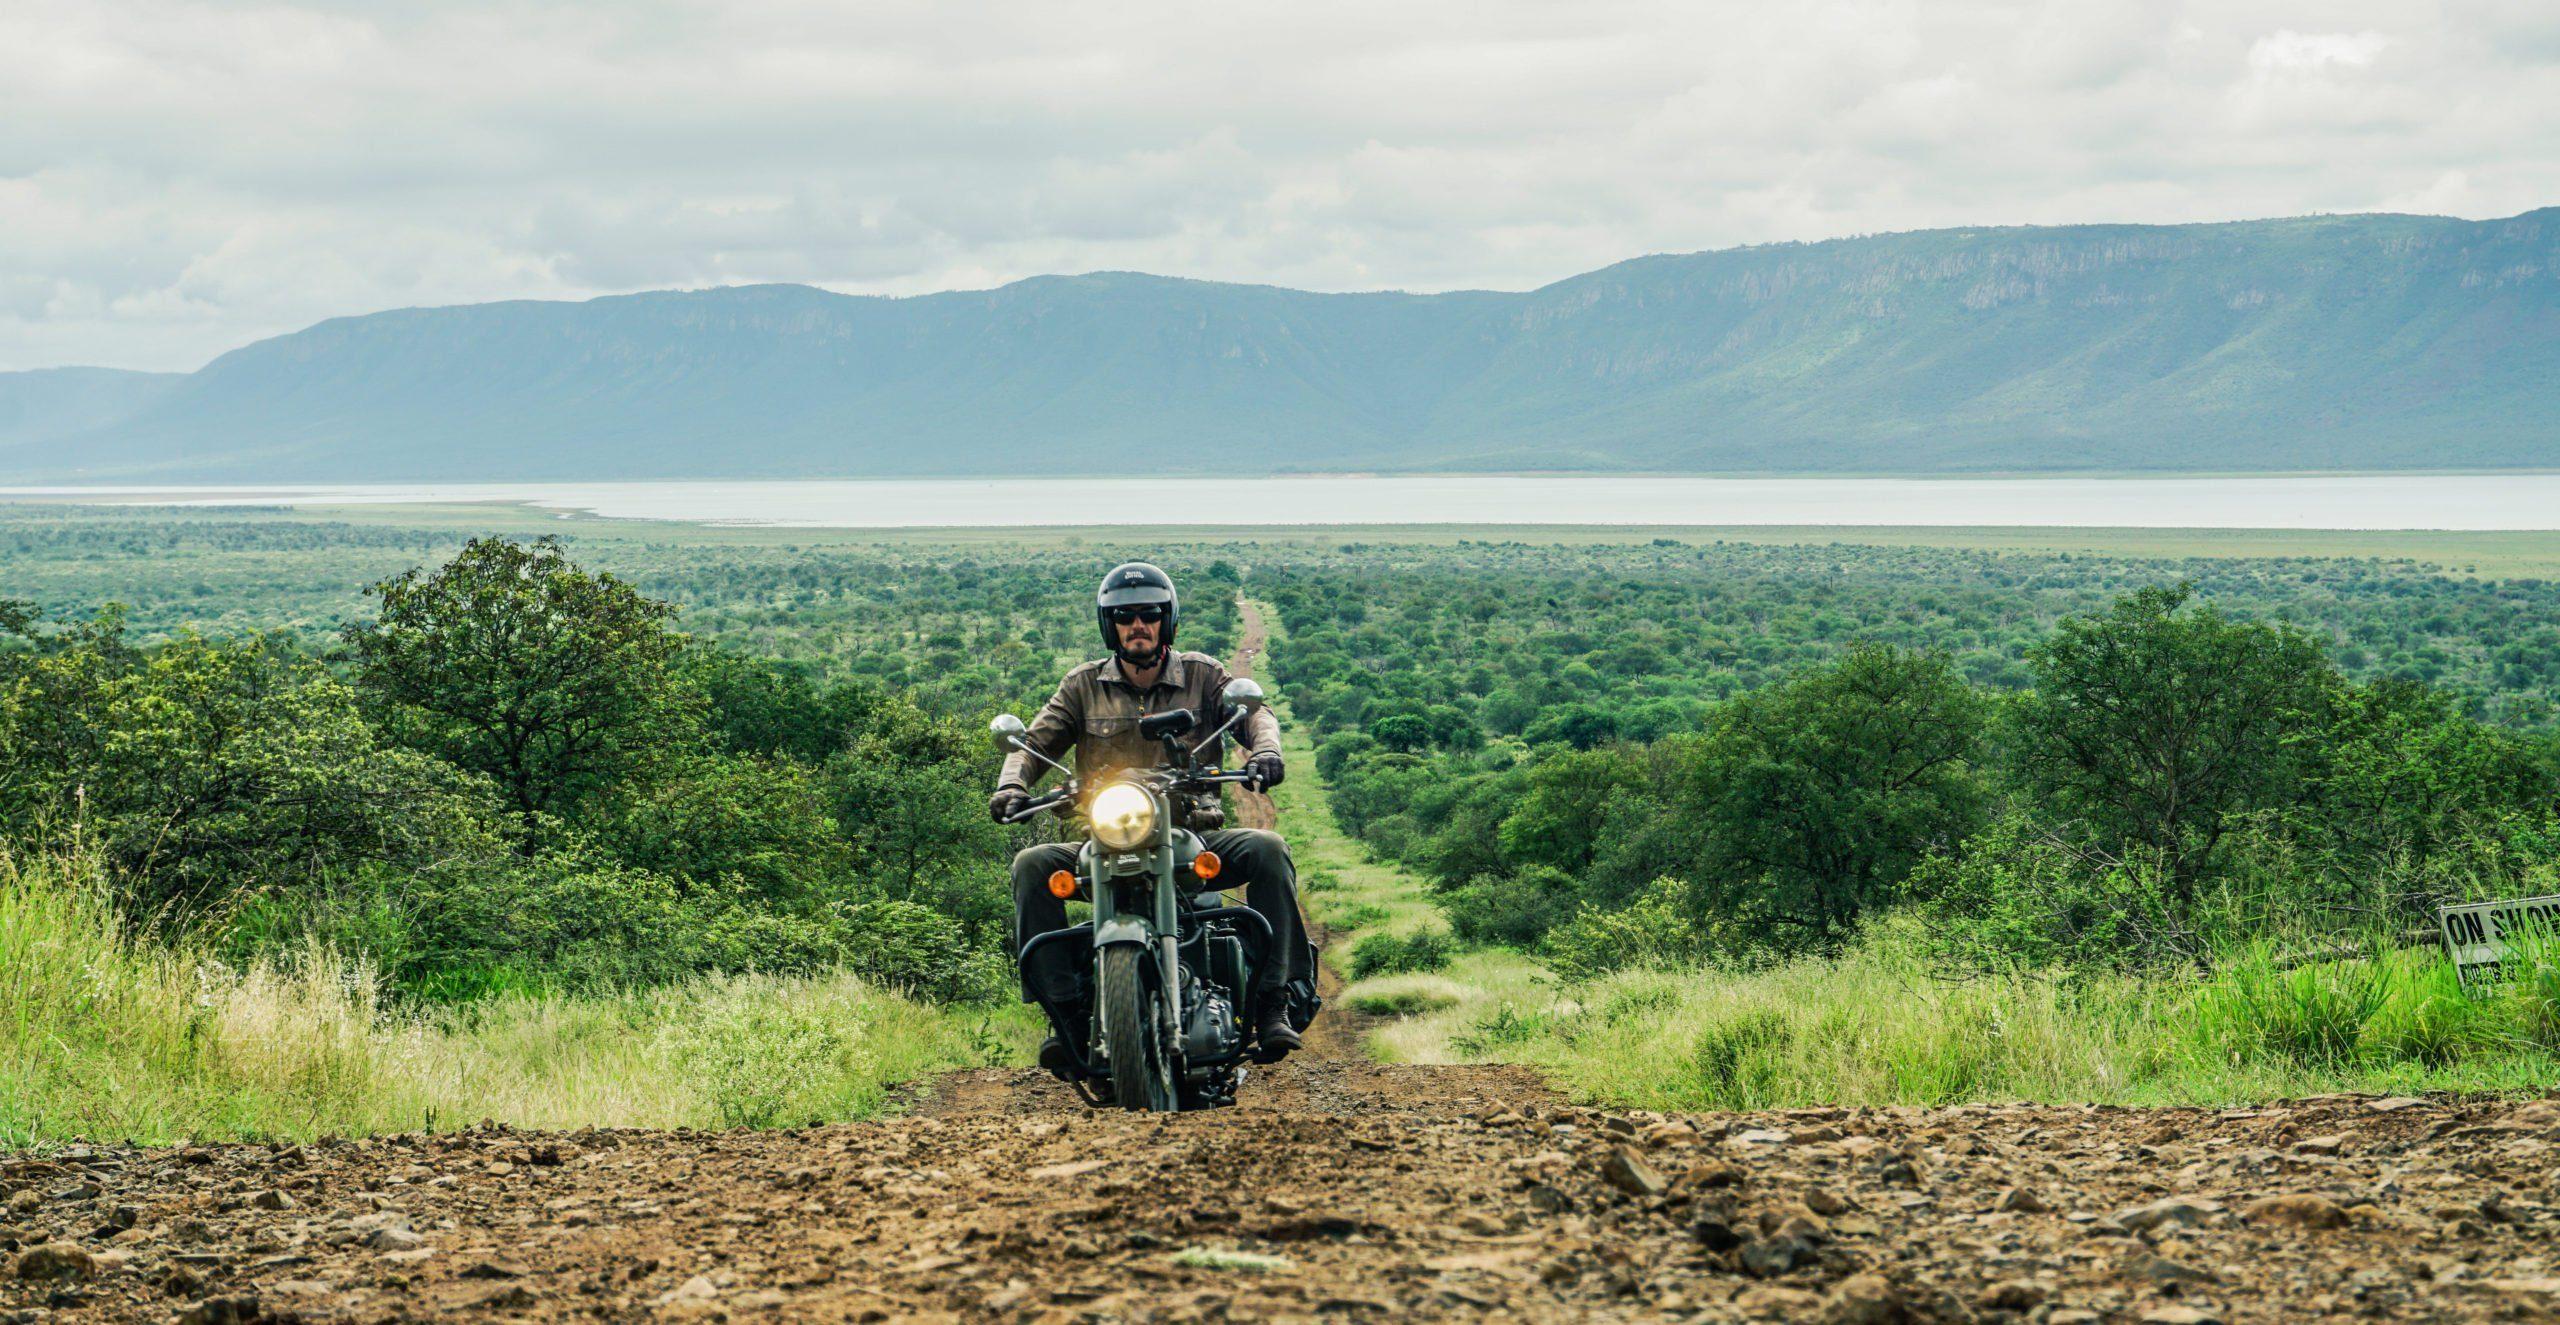 Motorrad-Roadtrip Südafrika - Die Wilde Odyssee